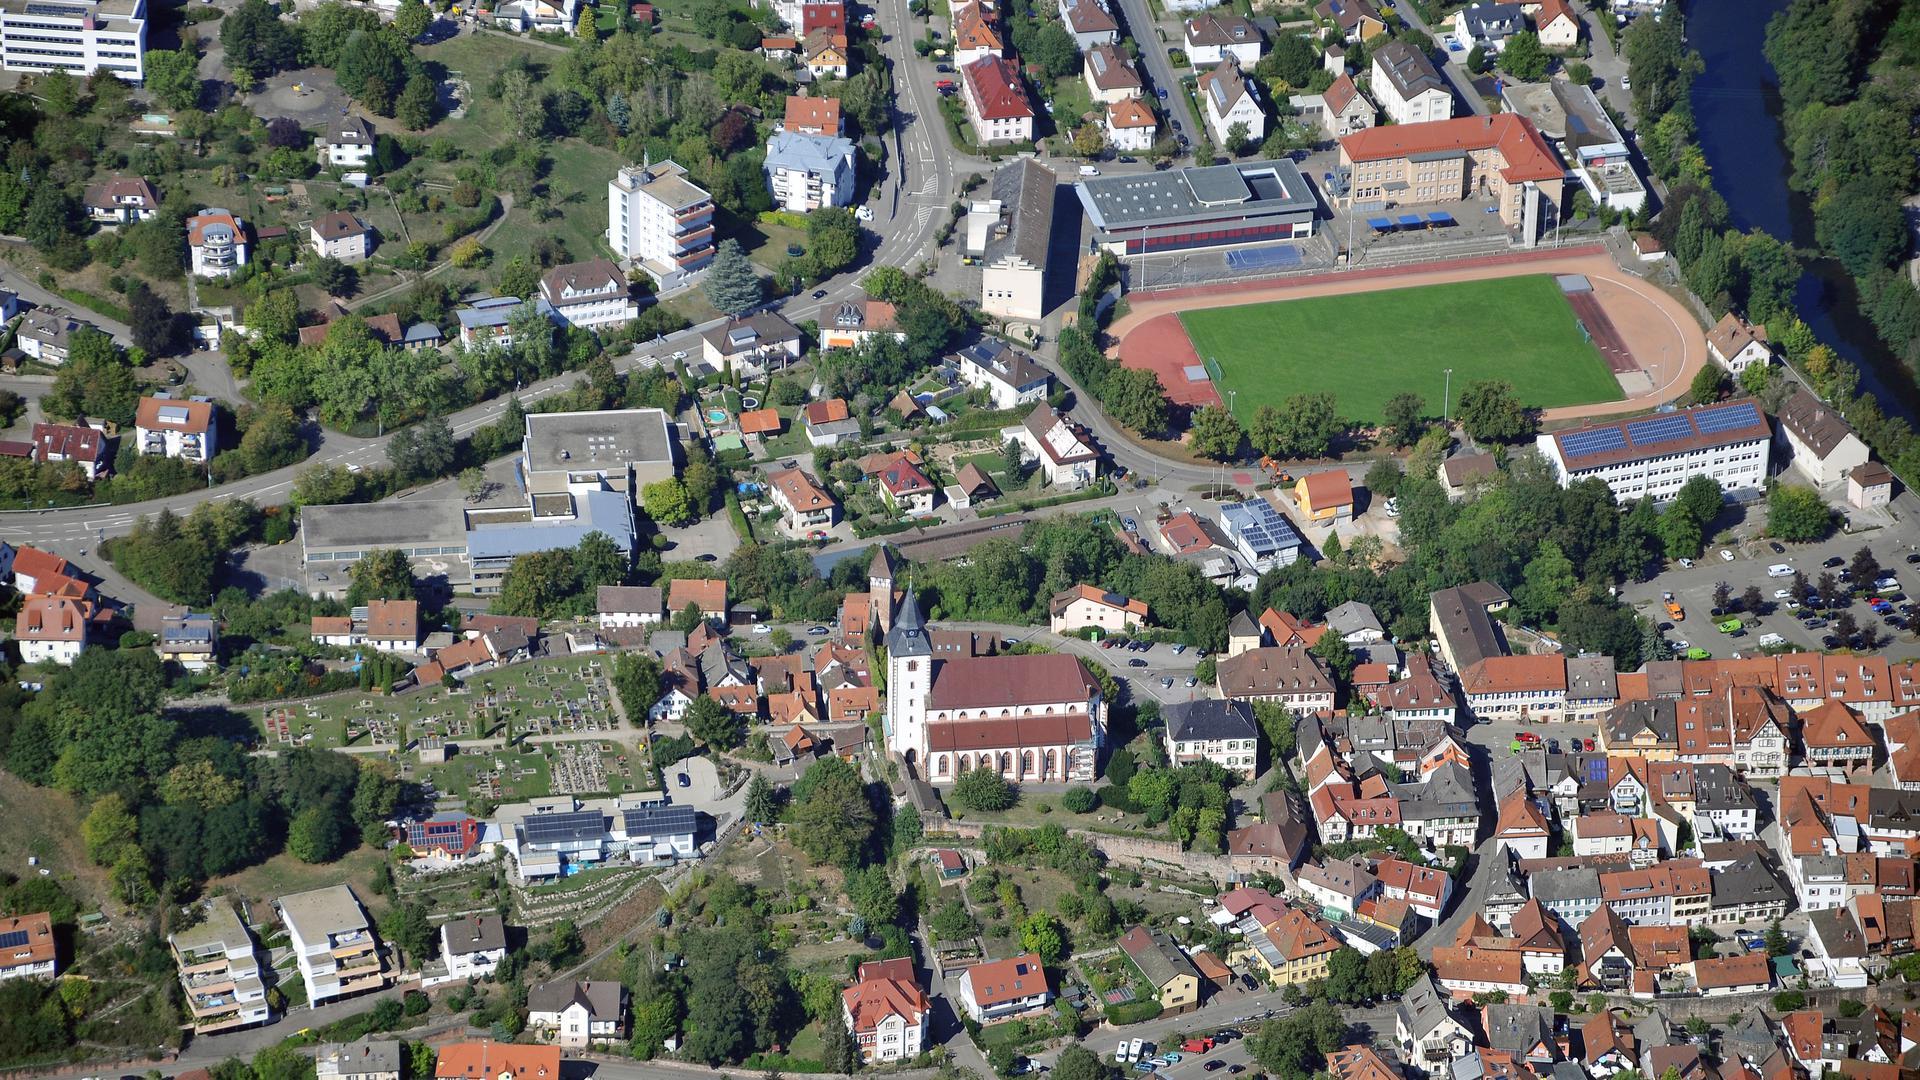 Luftbild Murgtal Gernsbach Kath. Kirche und Stadion